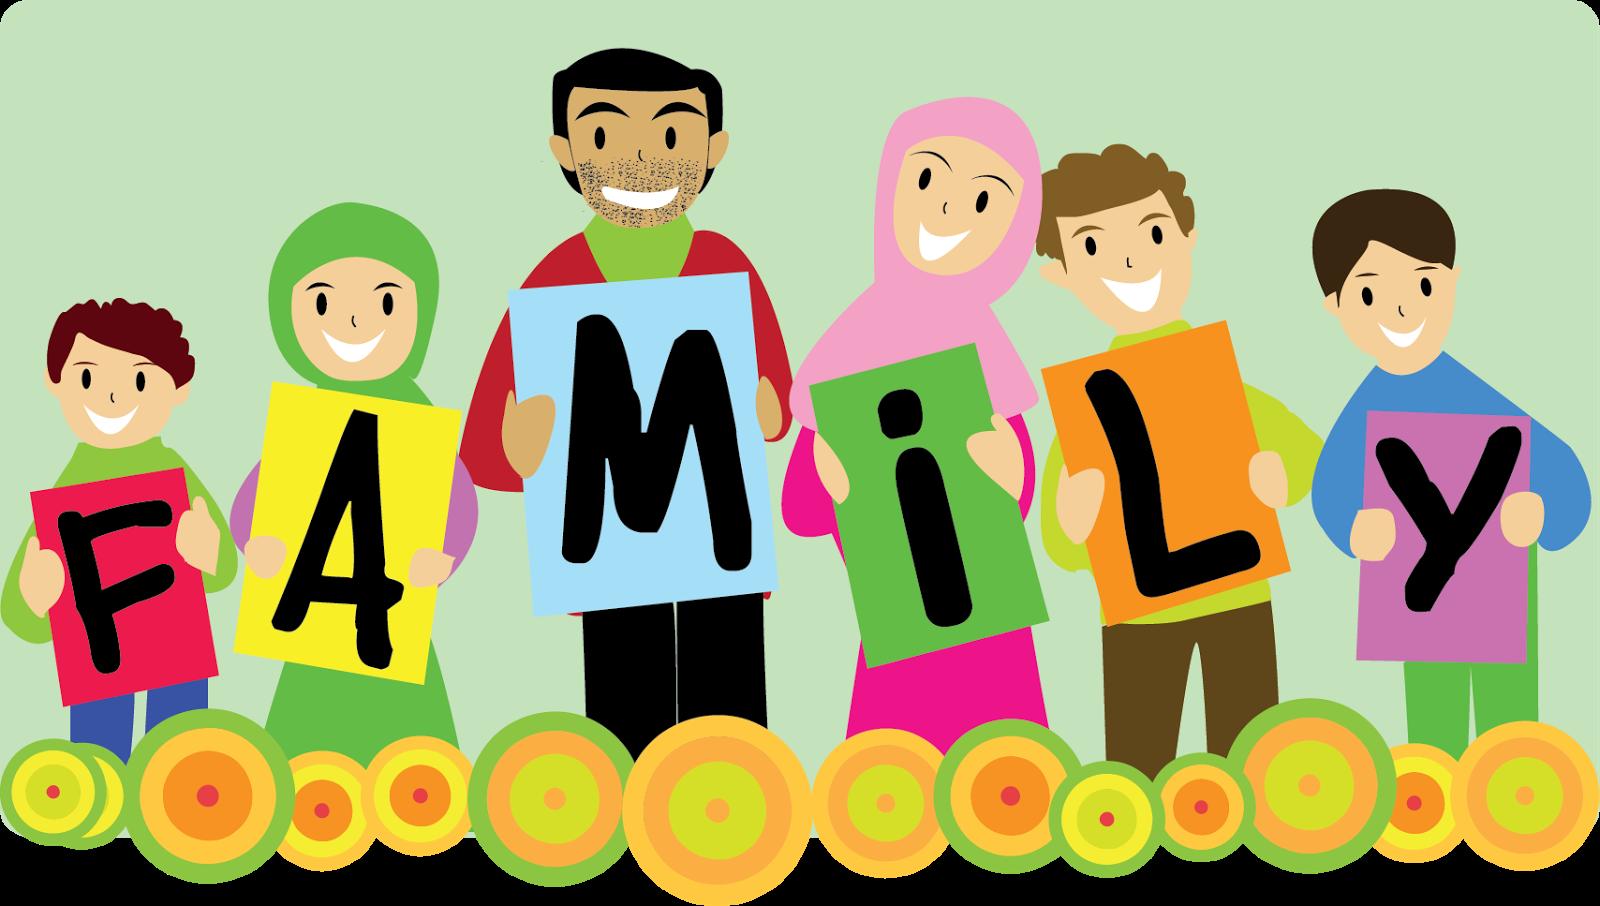 files.wordpress.com/2014/05/gambar-kartun-keluarga-muslim.png